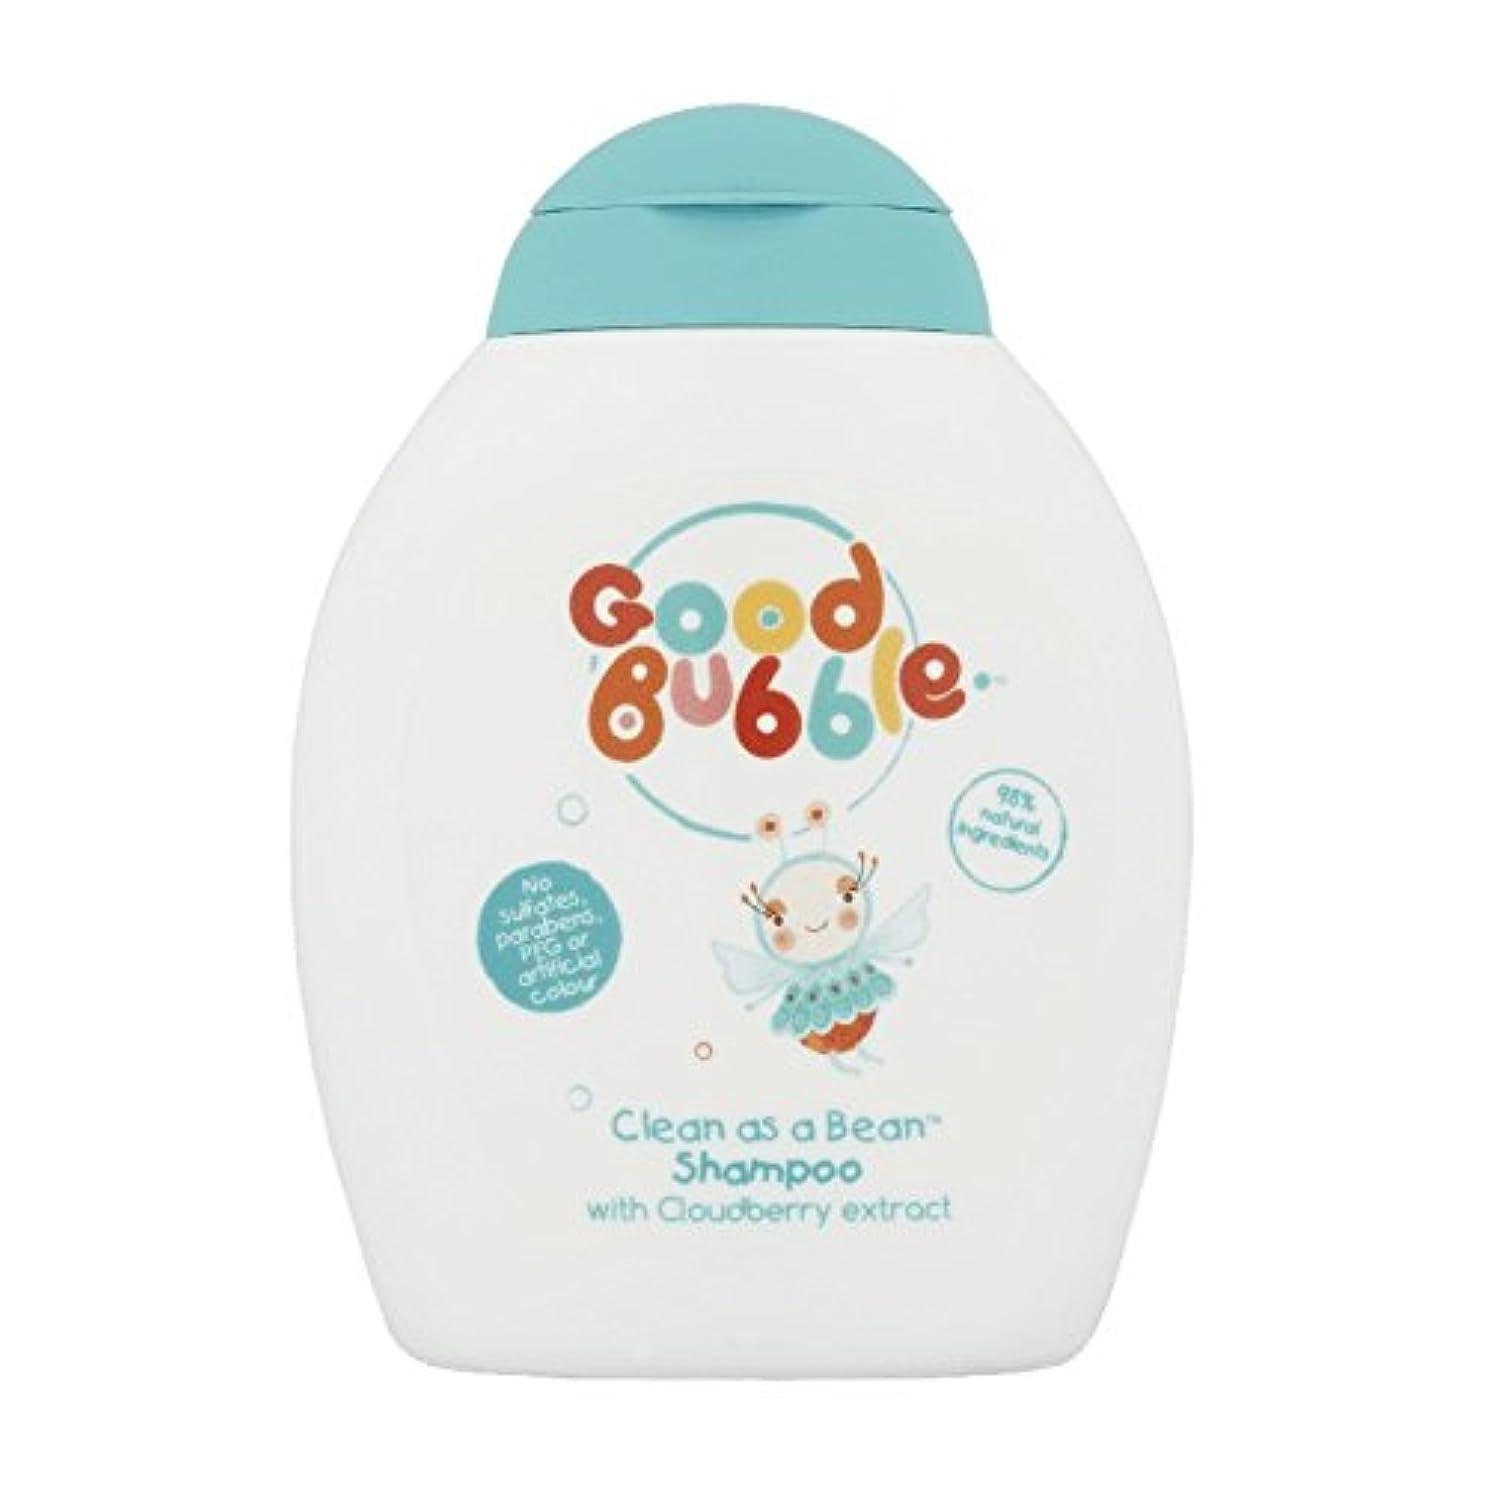 発掘する悪意行進Good Bubble Cloudberry Shampoo 250ml (Pack of 2) - 良いバブルクラウドベリーシャンプー250ミリリットル (x2) [並行輸入品]